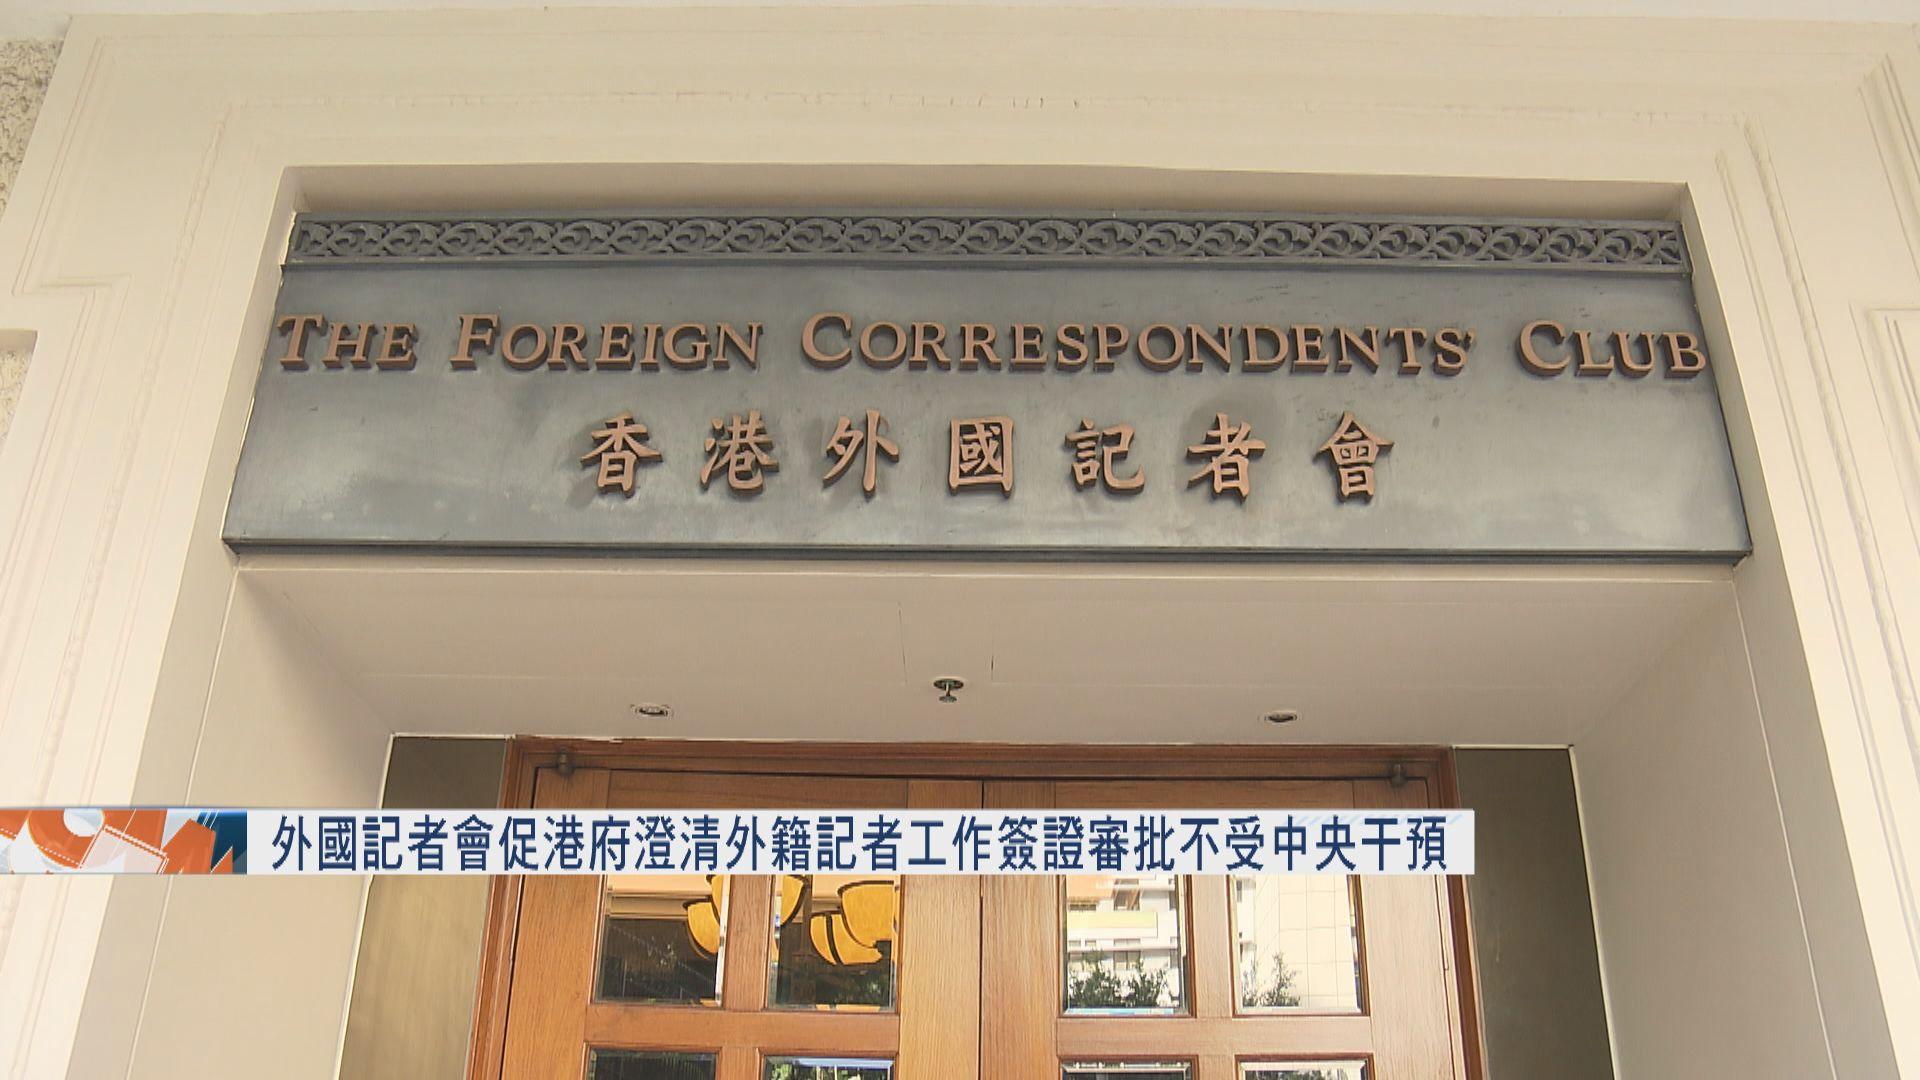 外國記者會促港府澄清外籍記者簽證審批不受中央干預